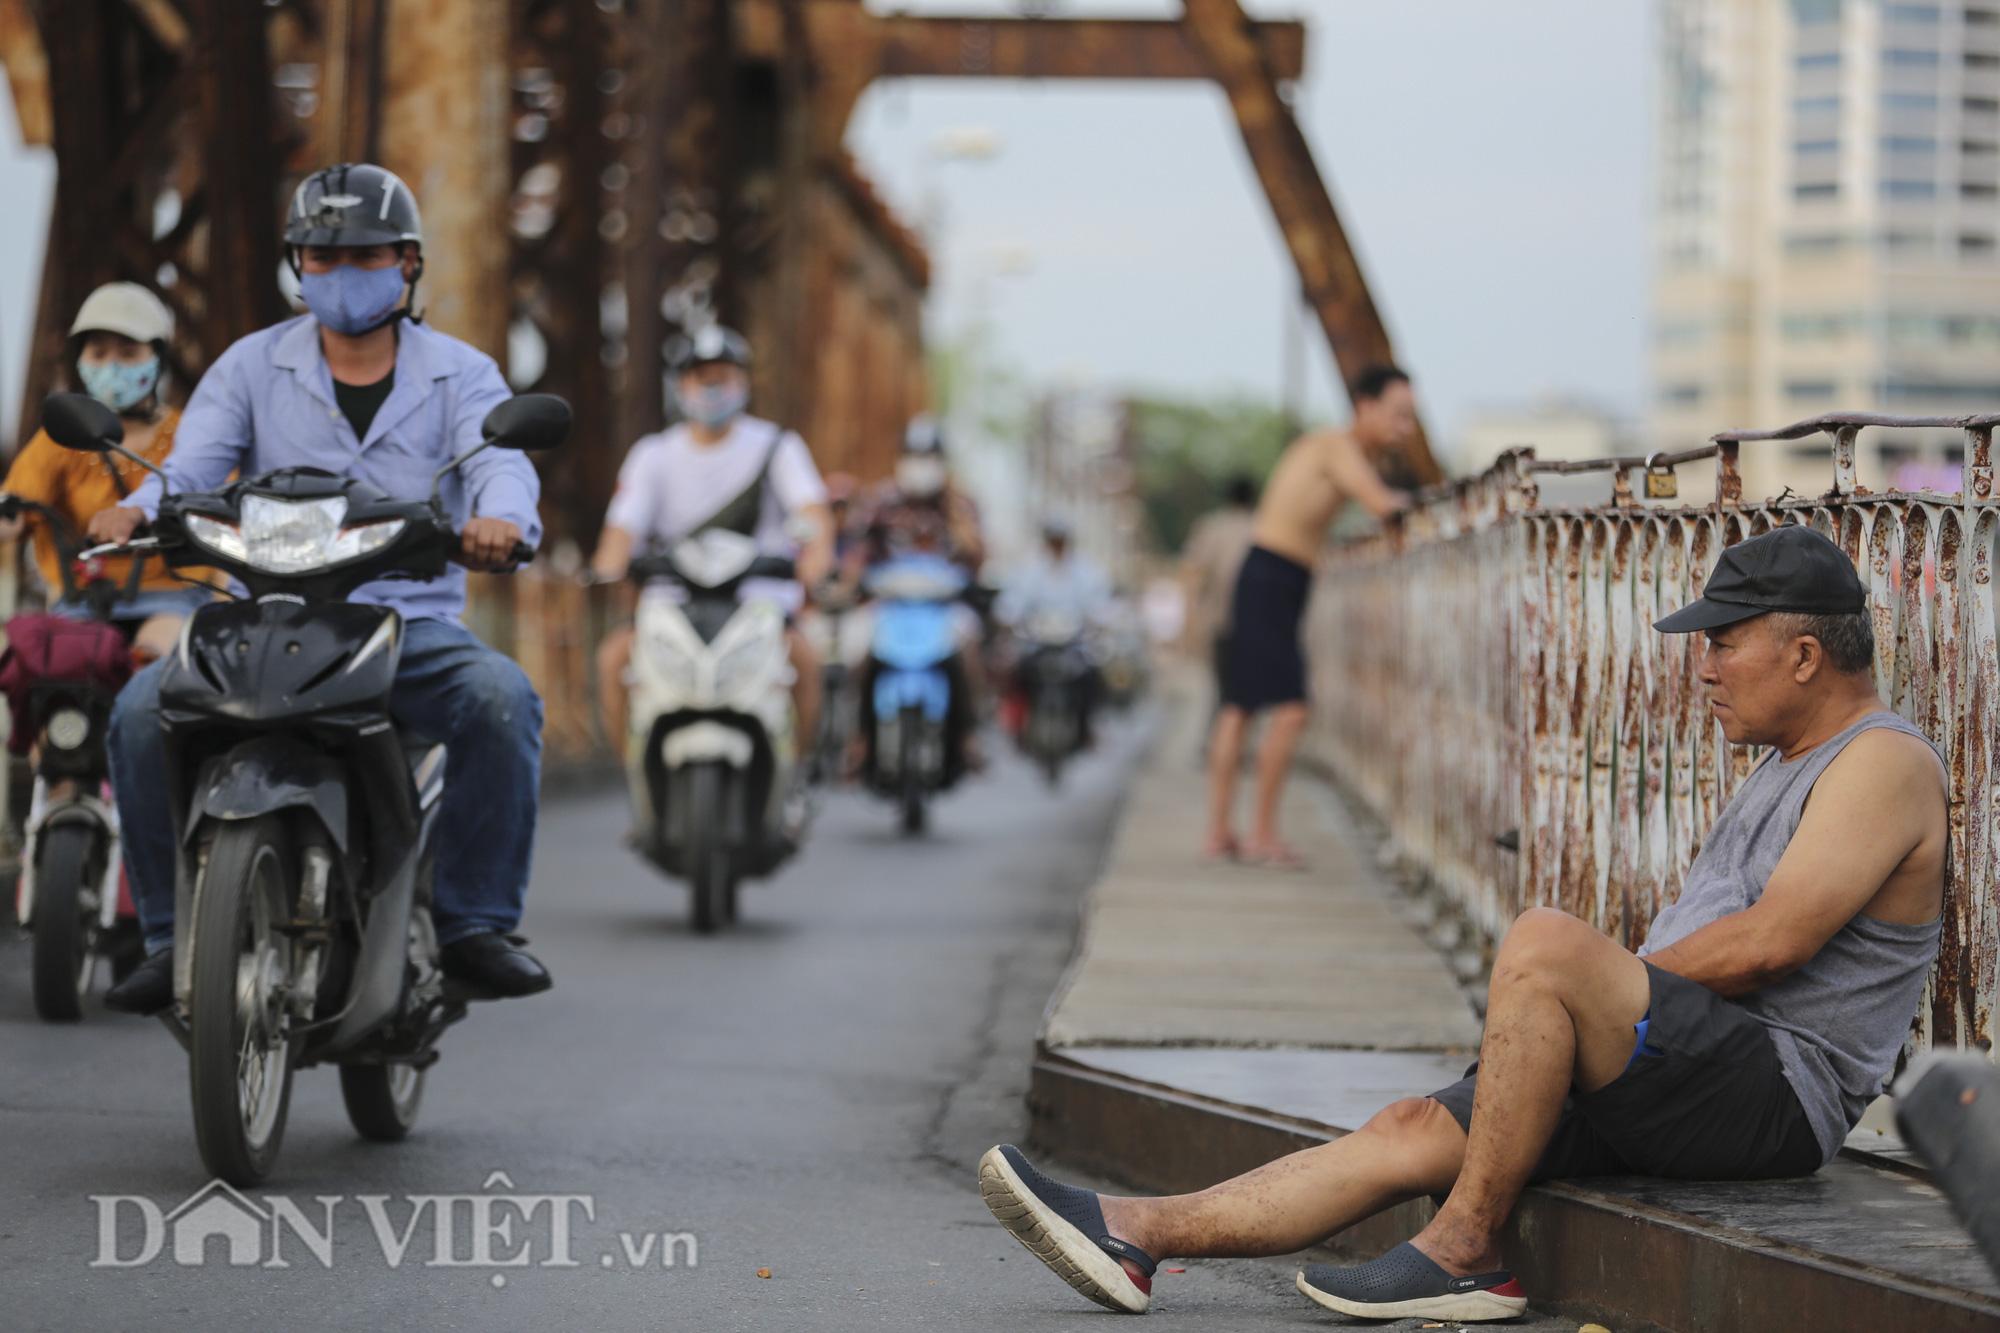 Mặc biển cấm, người dân vẫn vô tư đi bộ trên cầu Long Biên - Ảnh 3.